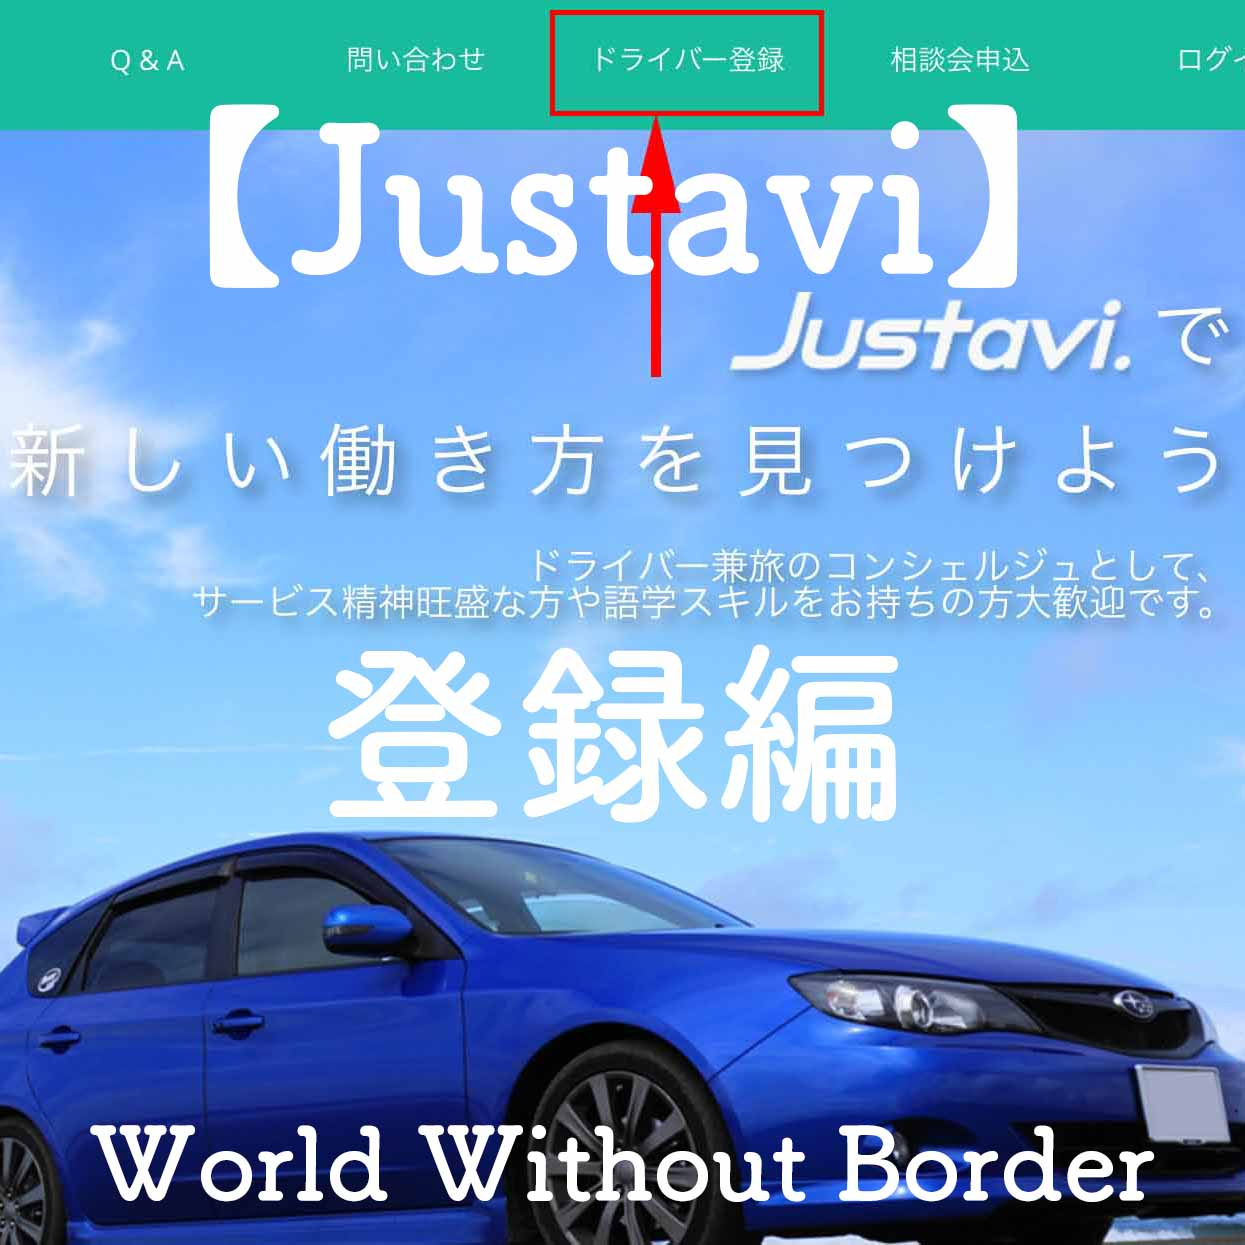 旅行者とドライバーマッチングサイトJustavi (ジャスタビ)に登録しました